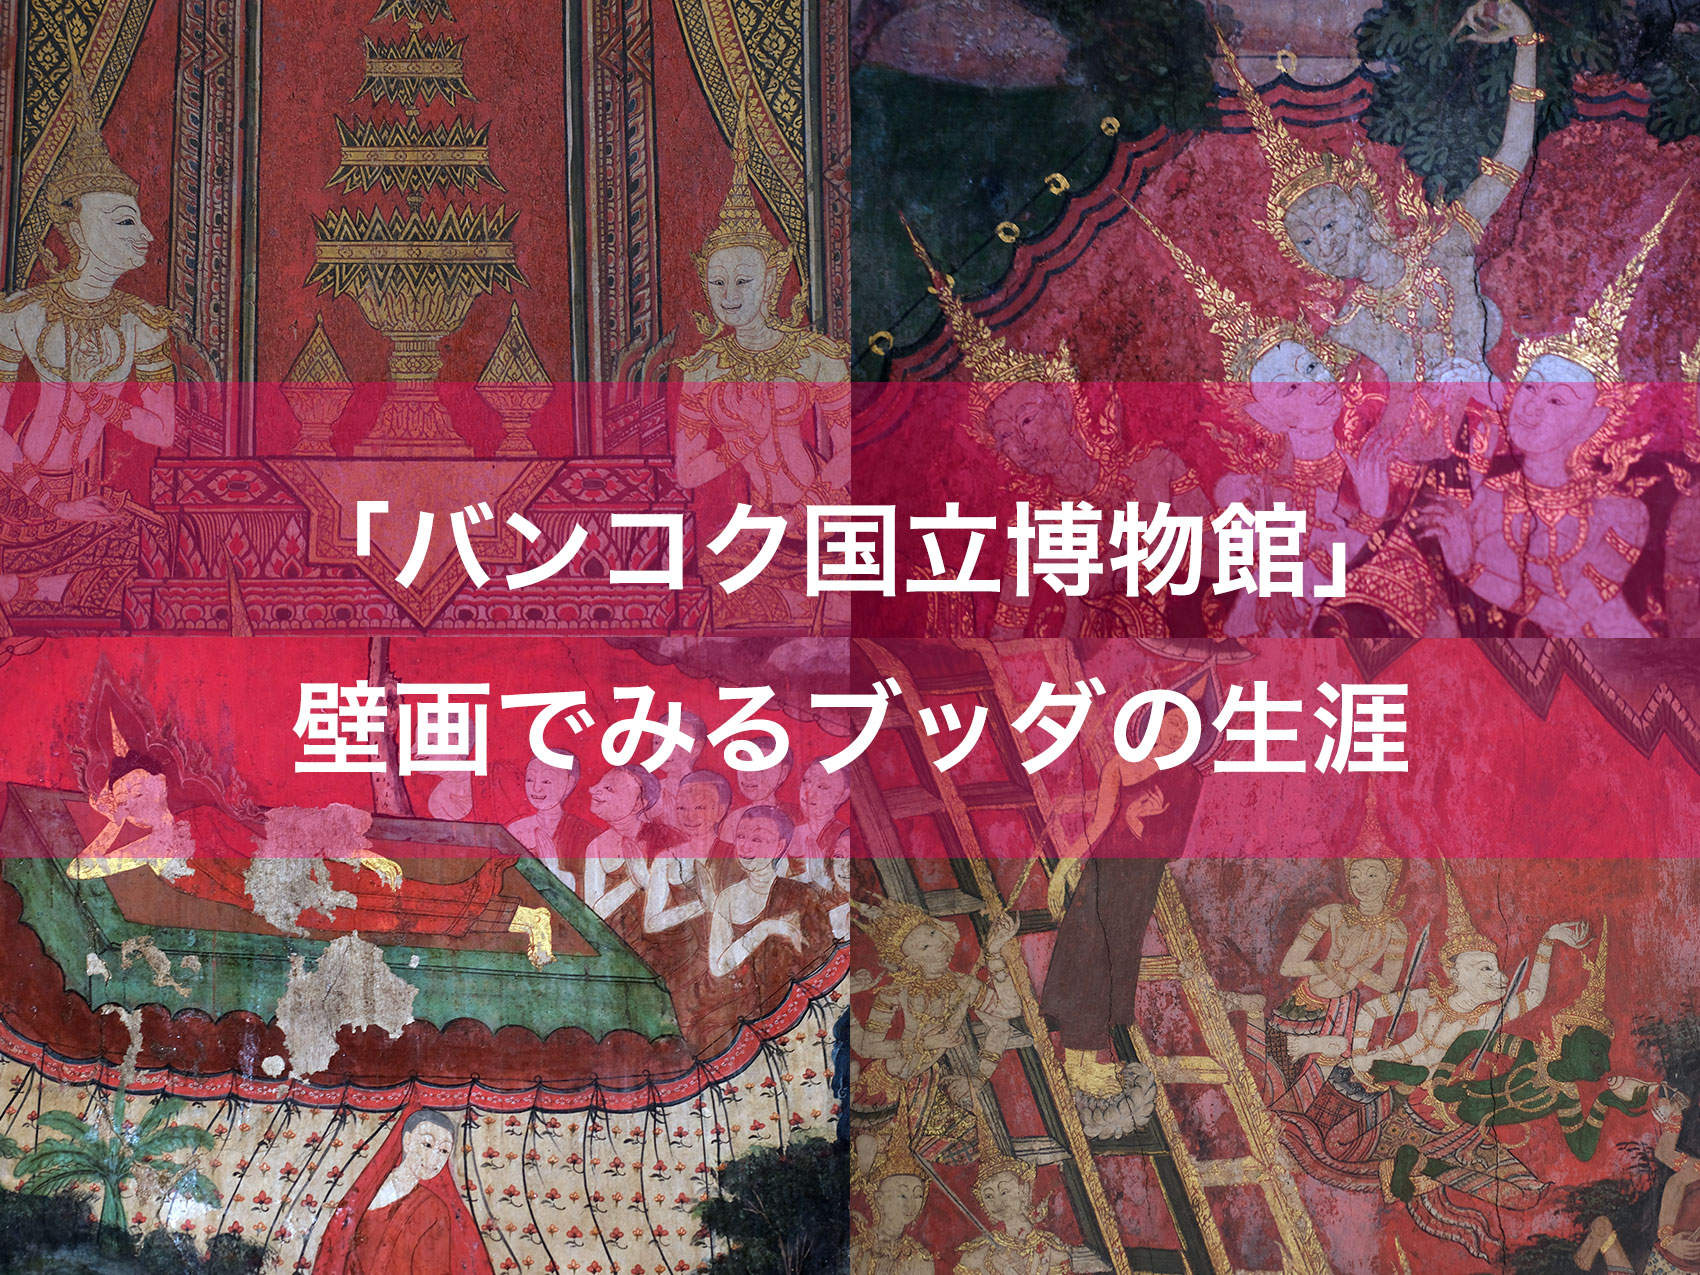 タイ・アート巡り① 仏教美術を知る!「バンコク国立博物館」で観るブッダの生涯